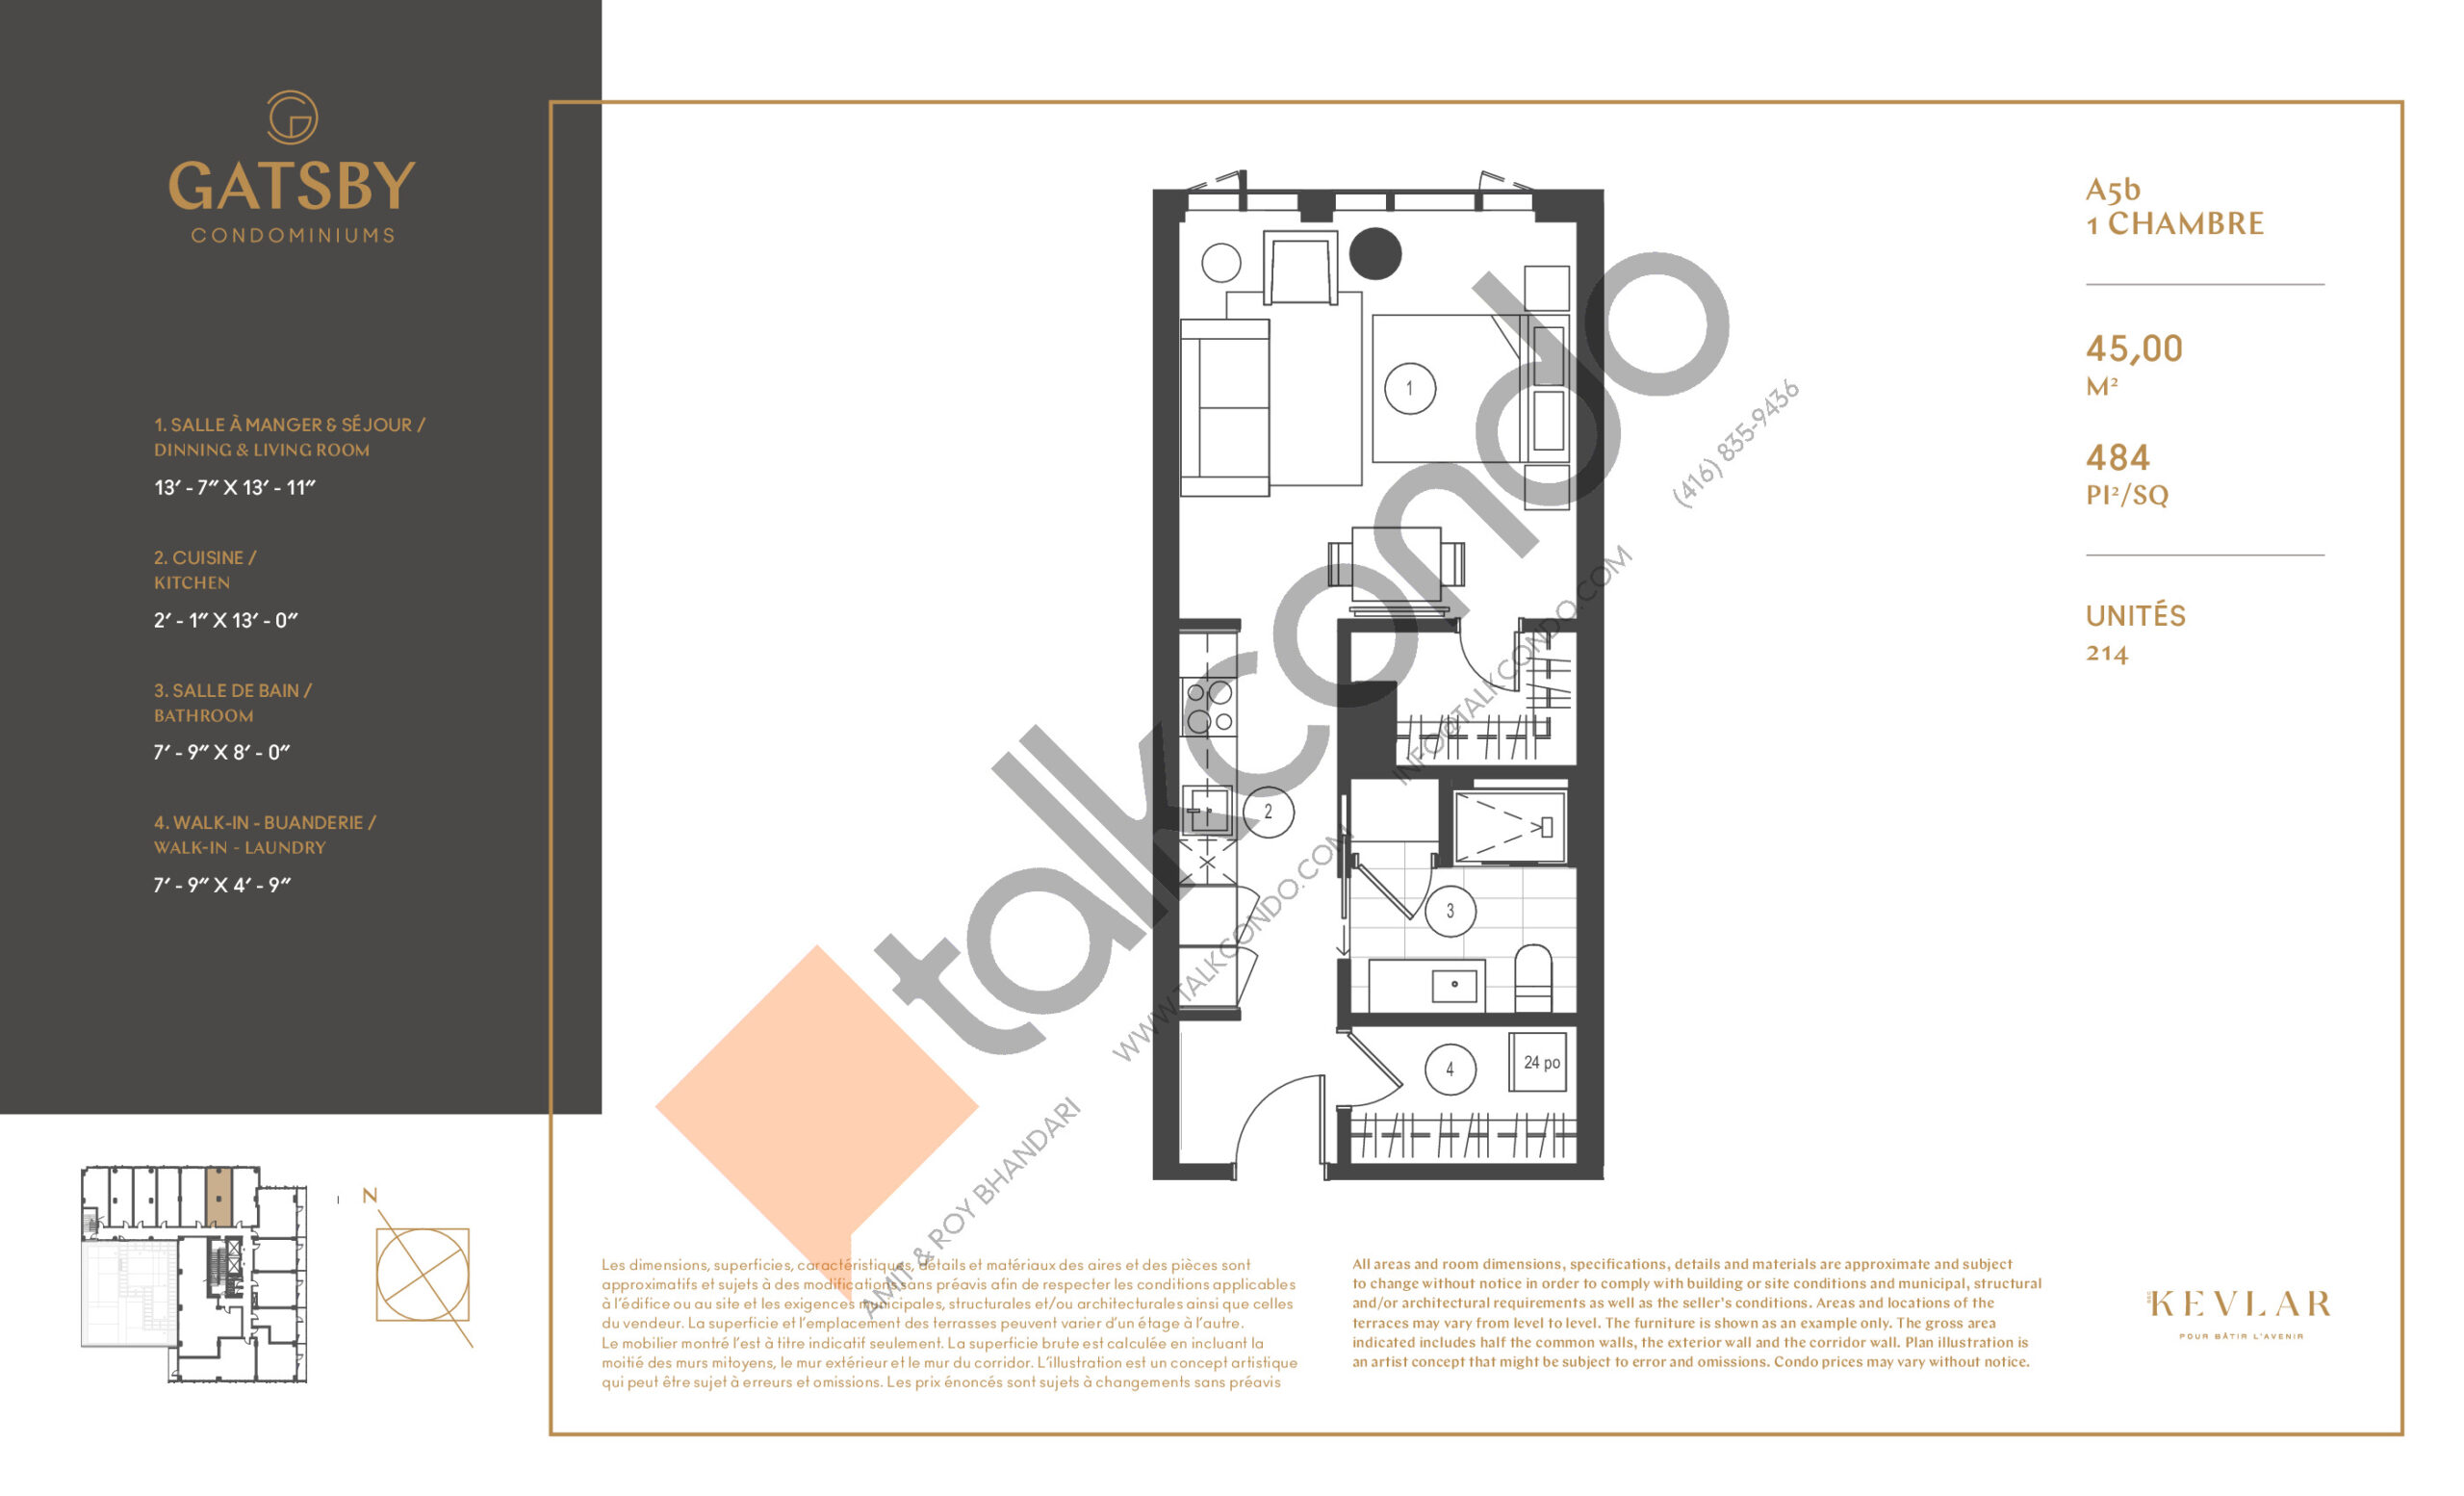 A5b Floor Plan at Gatsby Condos - 484 sq.ft